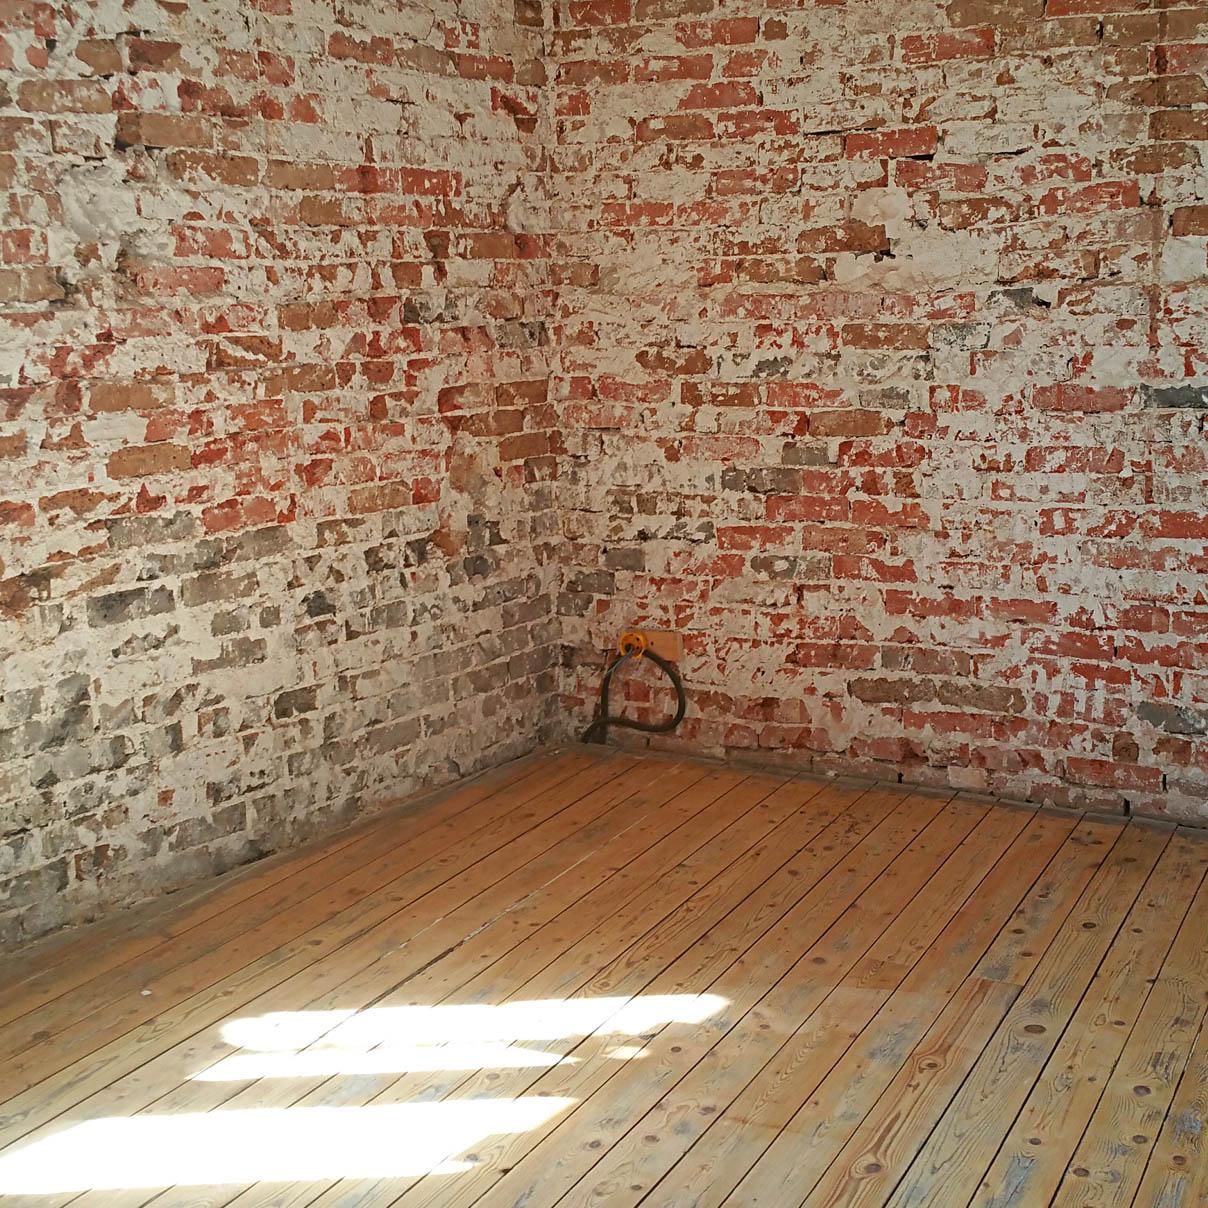 masKarade-architecture-surelevation-rehabilitation-maison-chaunvre-chaux-briques